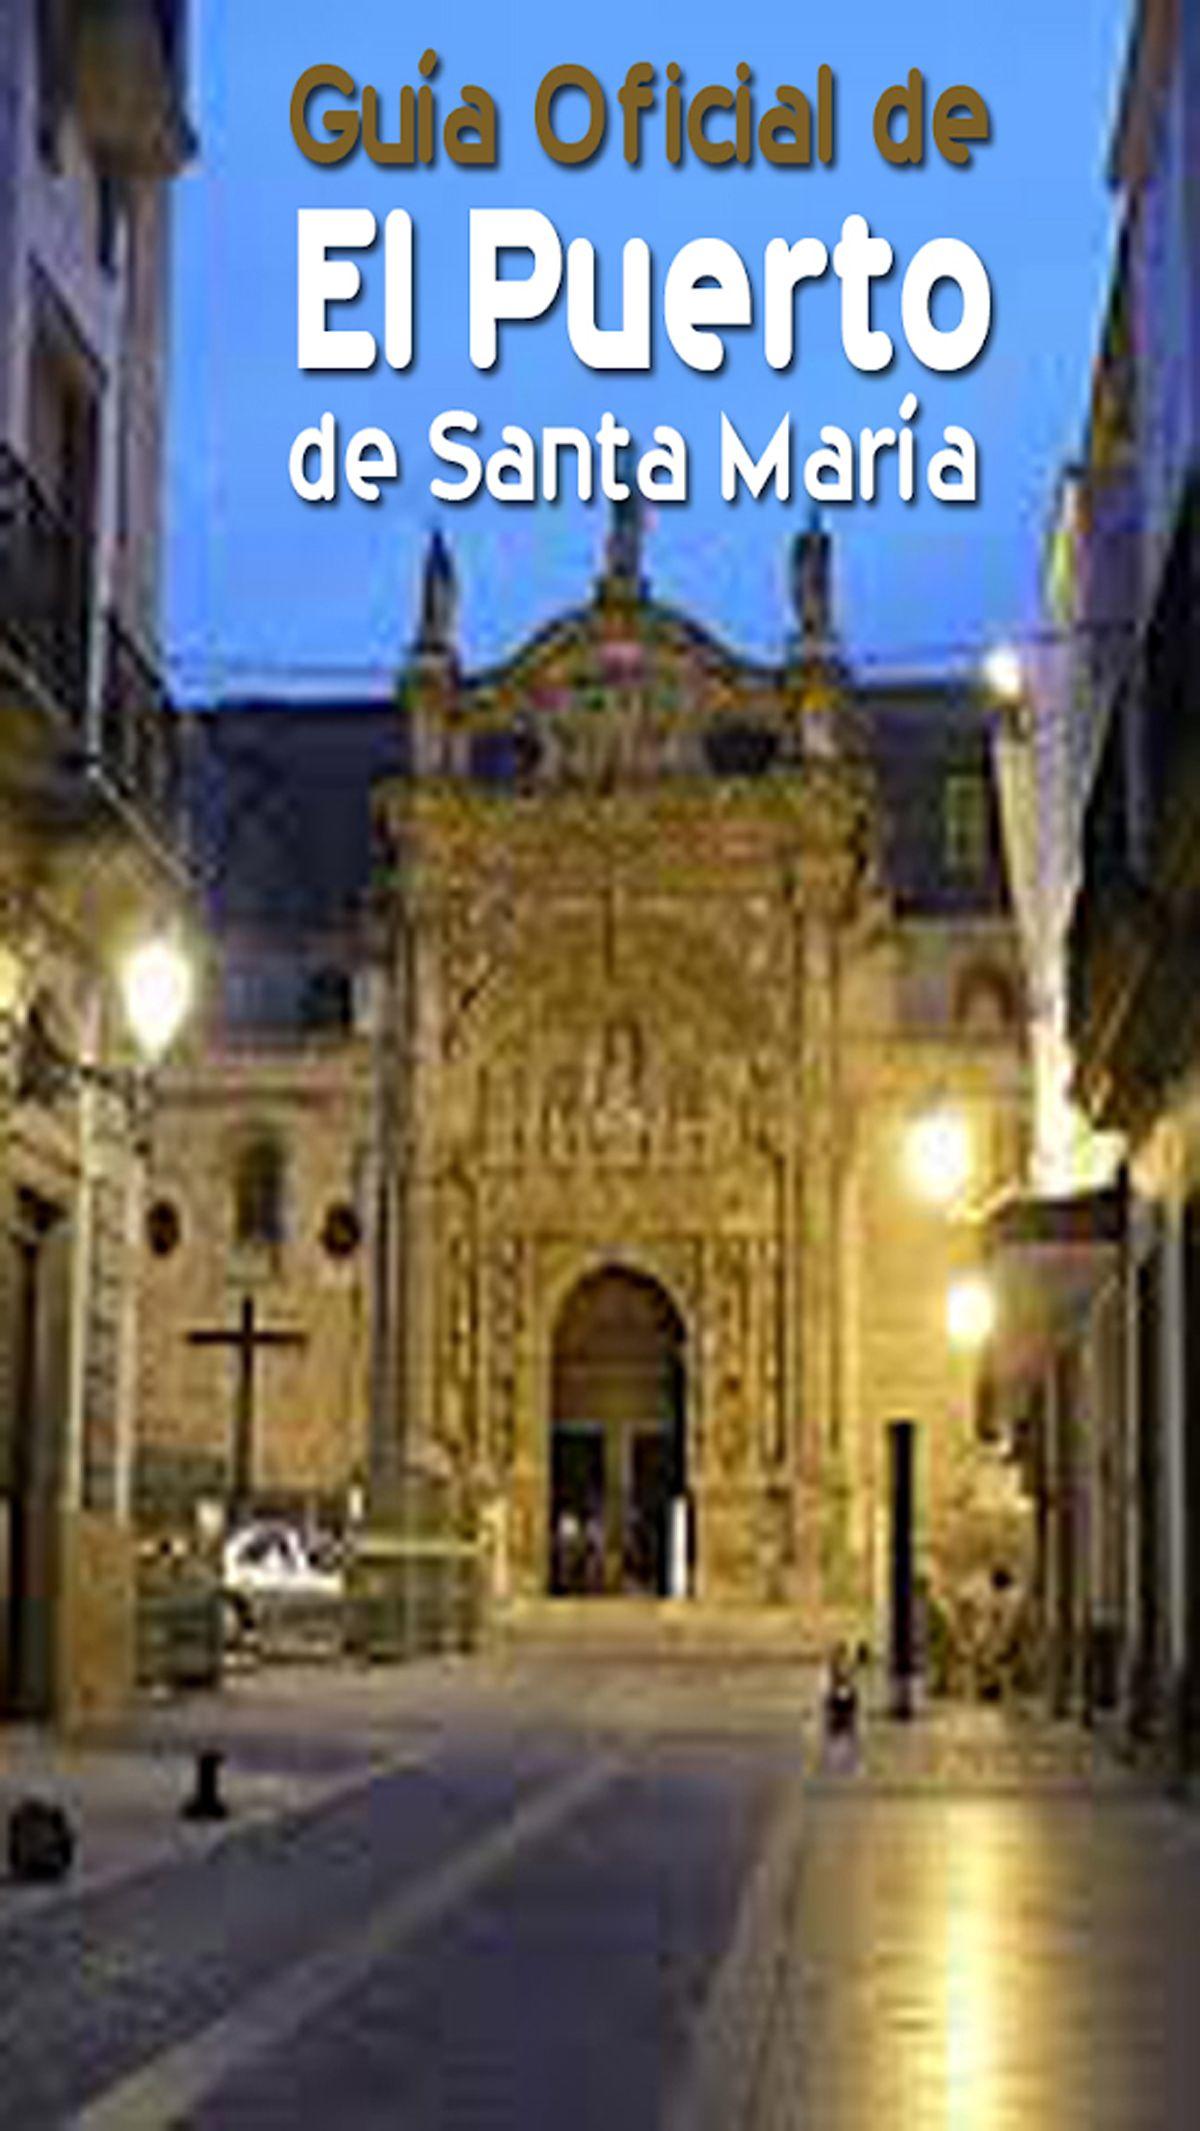 guia oficial de El Puerto de Santa María